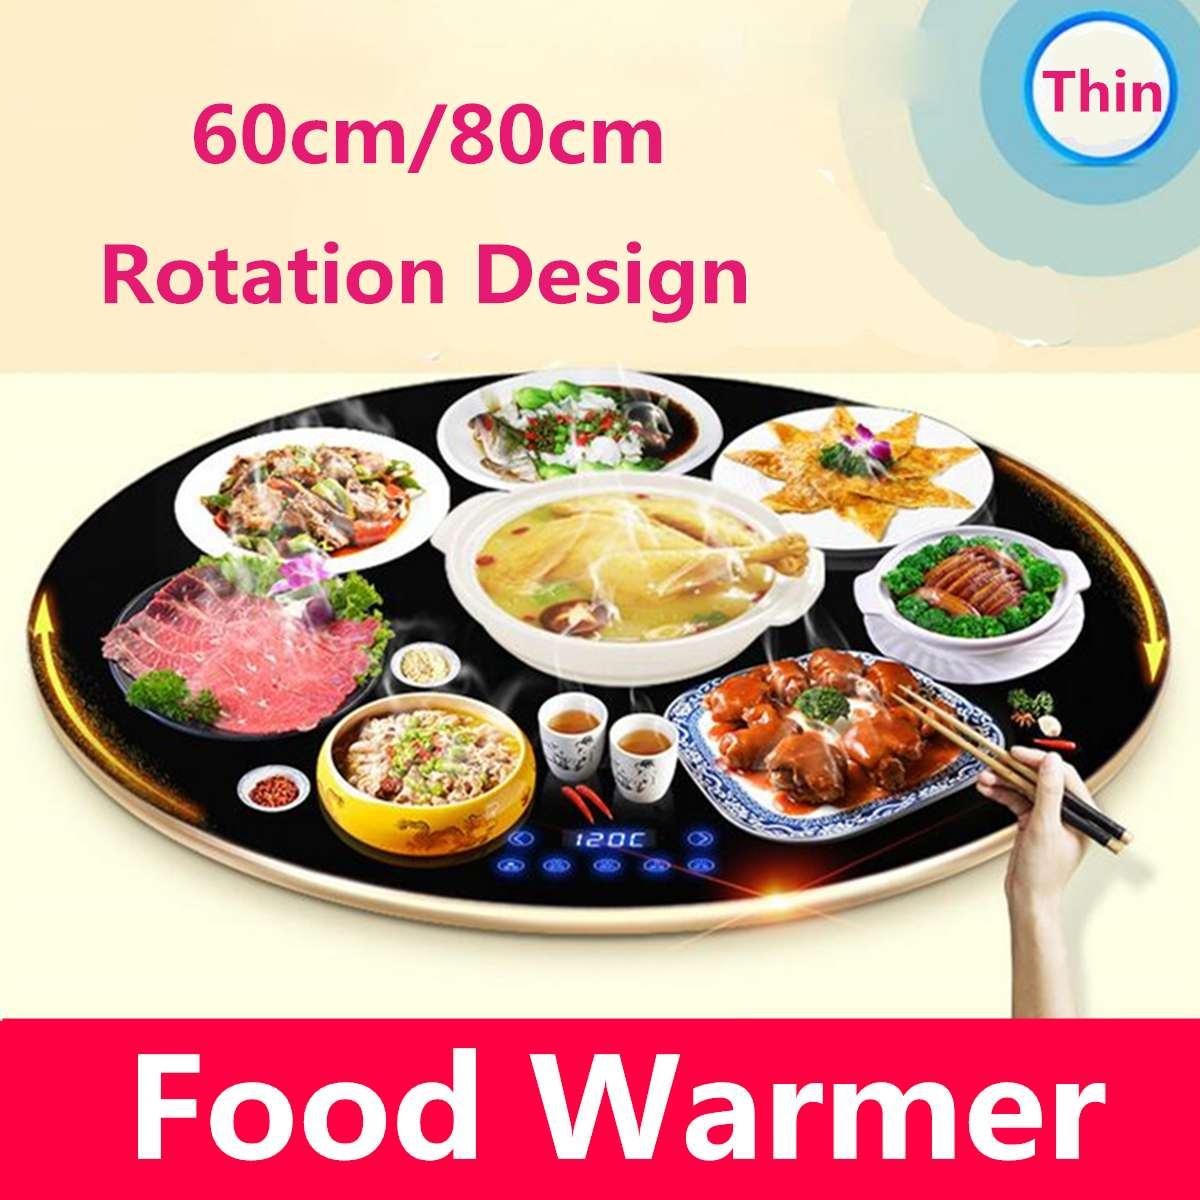 Пособия по кулинарии теплые доска Горячая тарелка домашний стол нагревательный подогреватель чашки питание теплоизоляционная плита повор... - 2